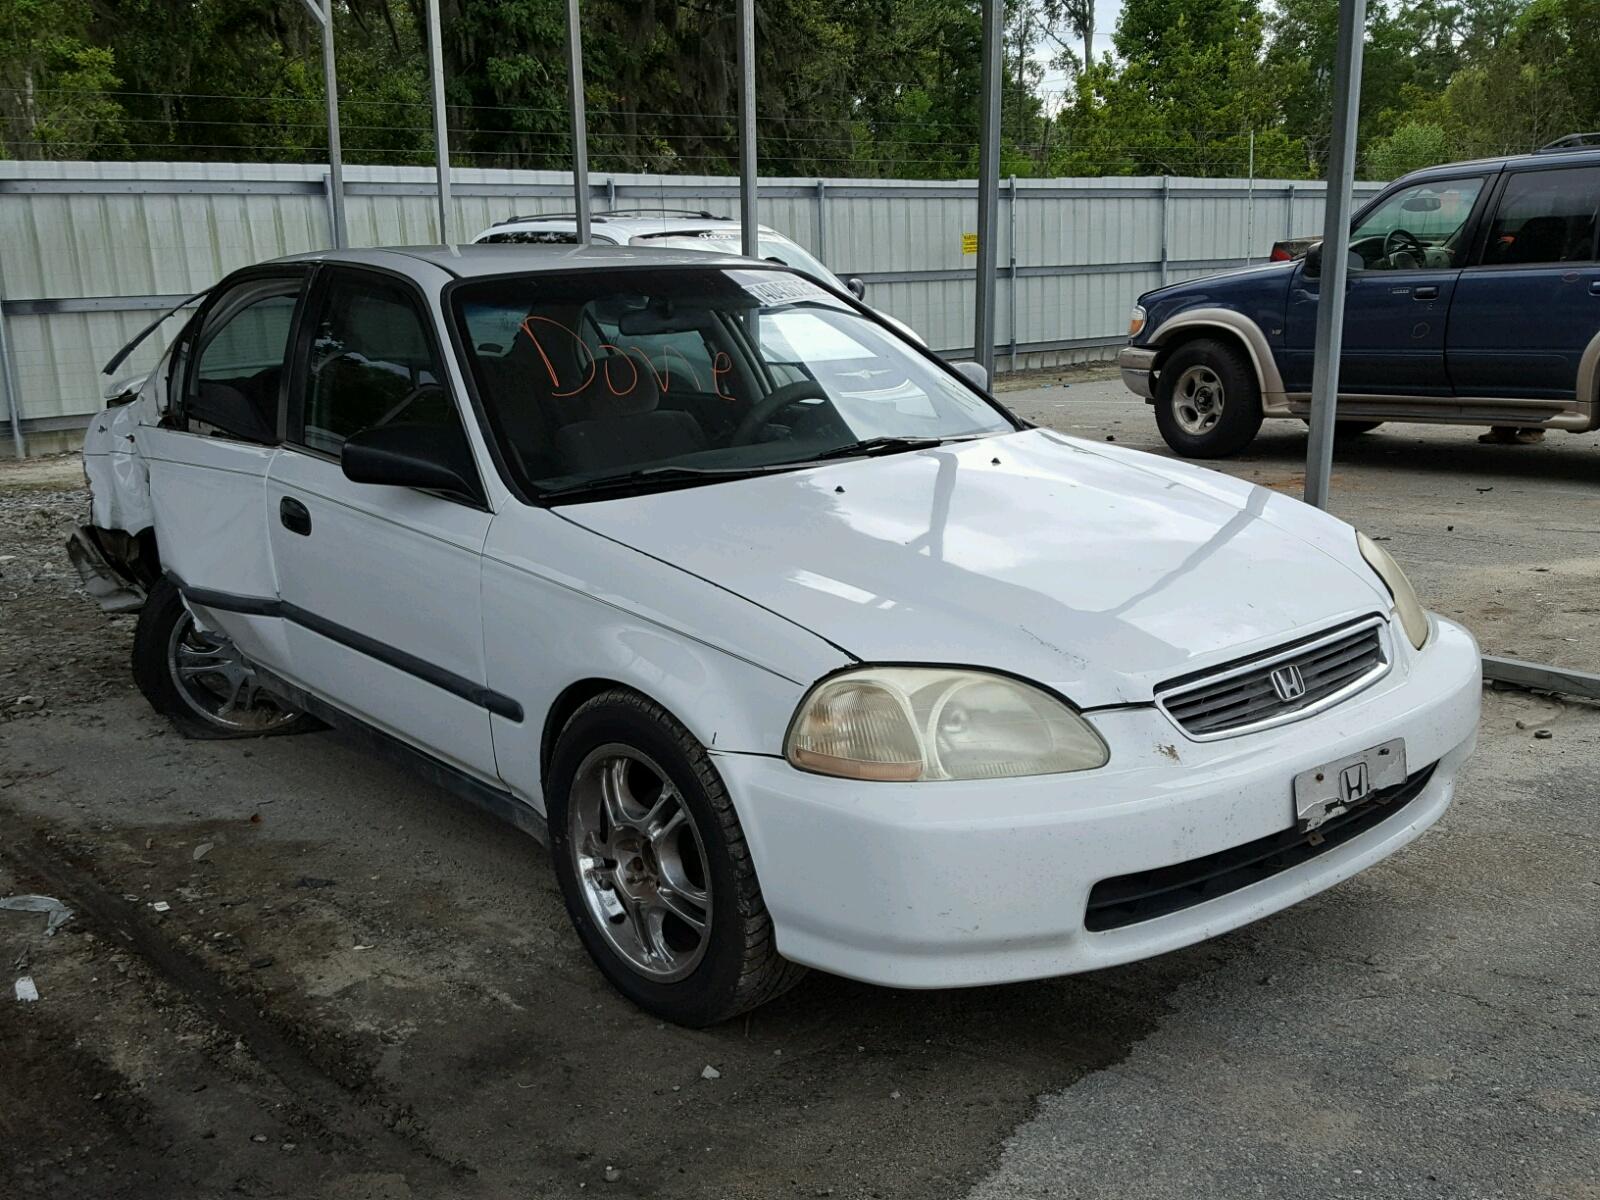 1hgej6672tl057315 1996 White Honda Civic Lx On Sale In Ga 16l Left View